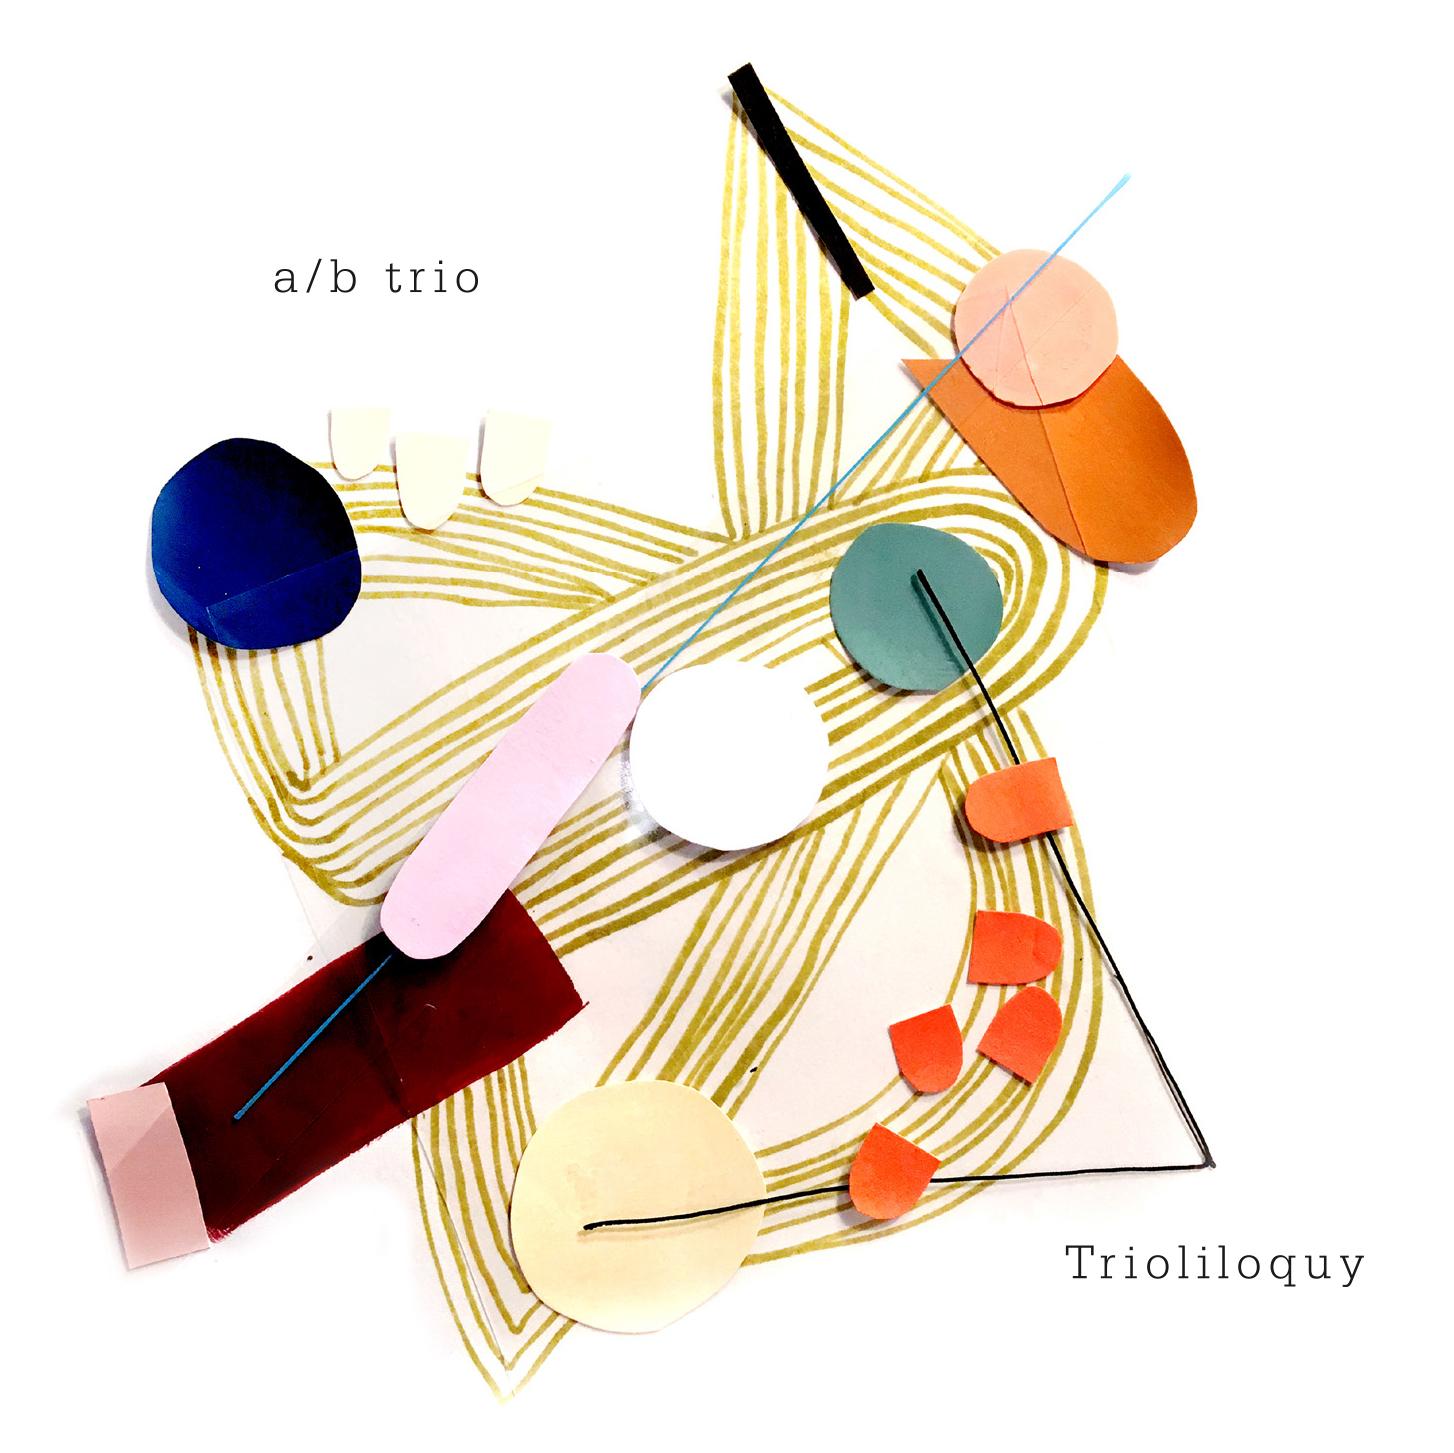 abtrio-album-cover.jpg